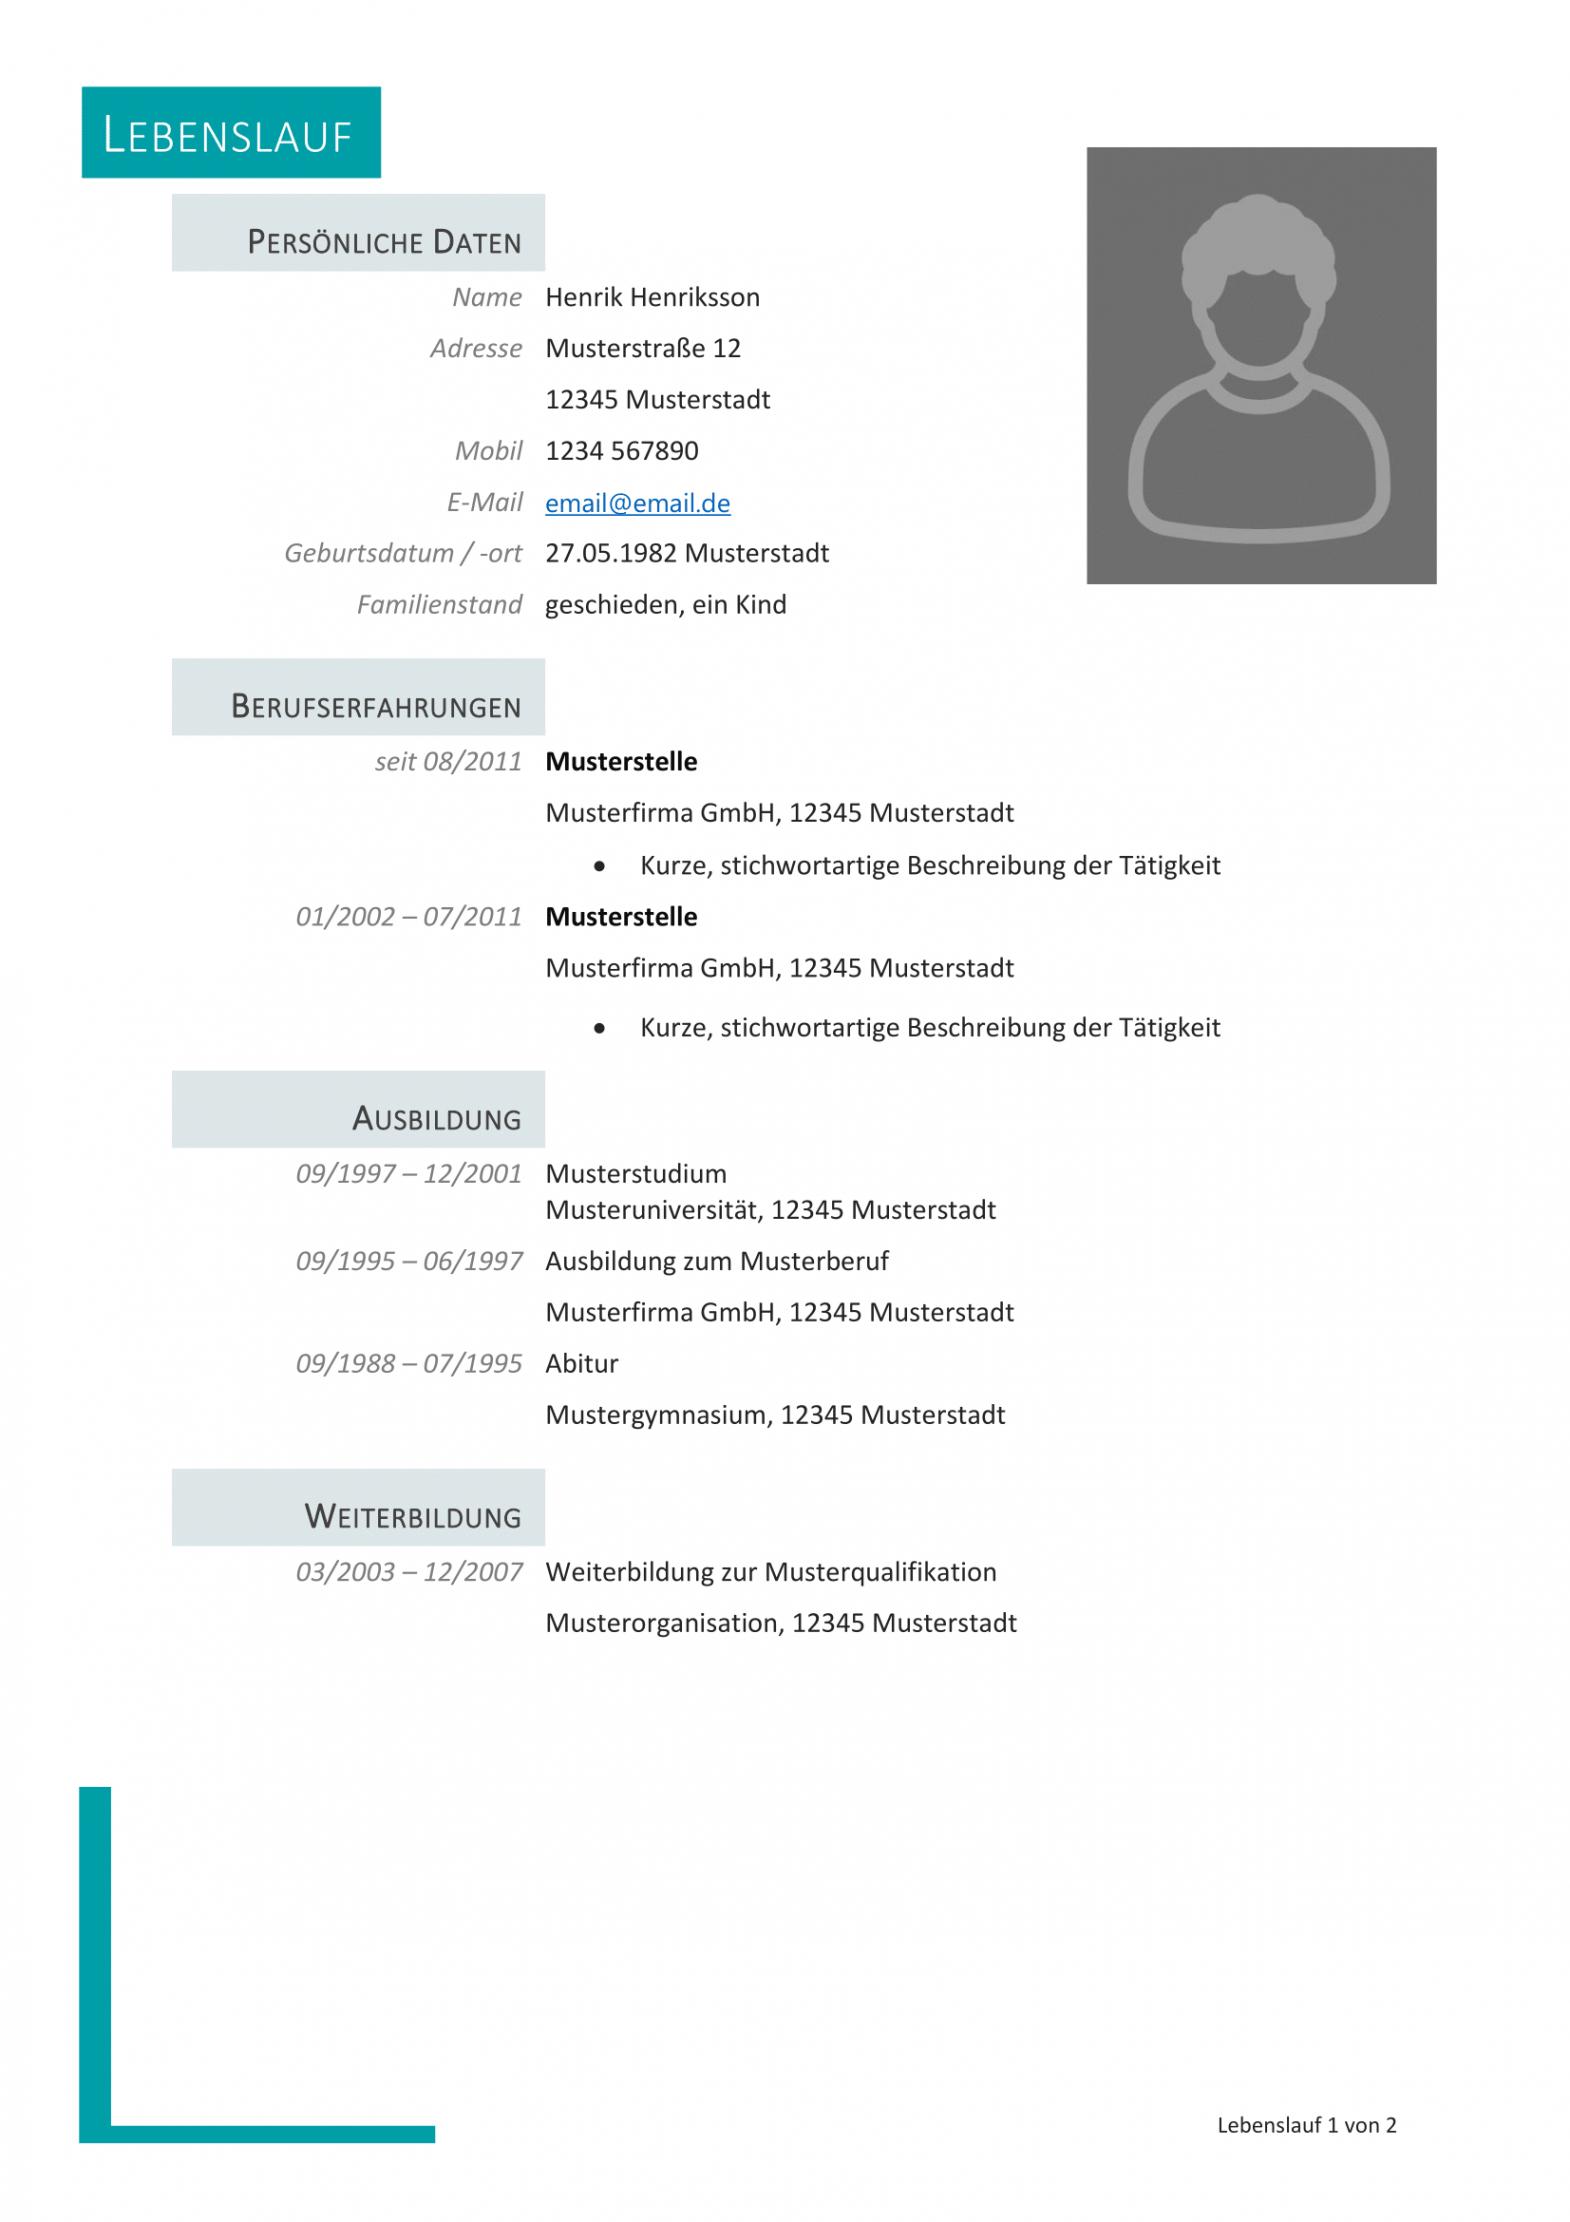 von Kostenlose Lebenslauf Muster Und Vorlagen Für Deine Bewerbung 2018 Vorlage Bewerbung Und Lebenslauf Ausbildung